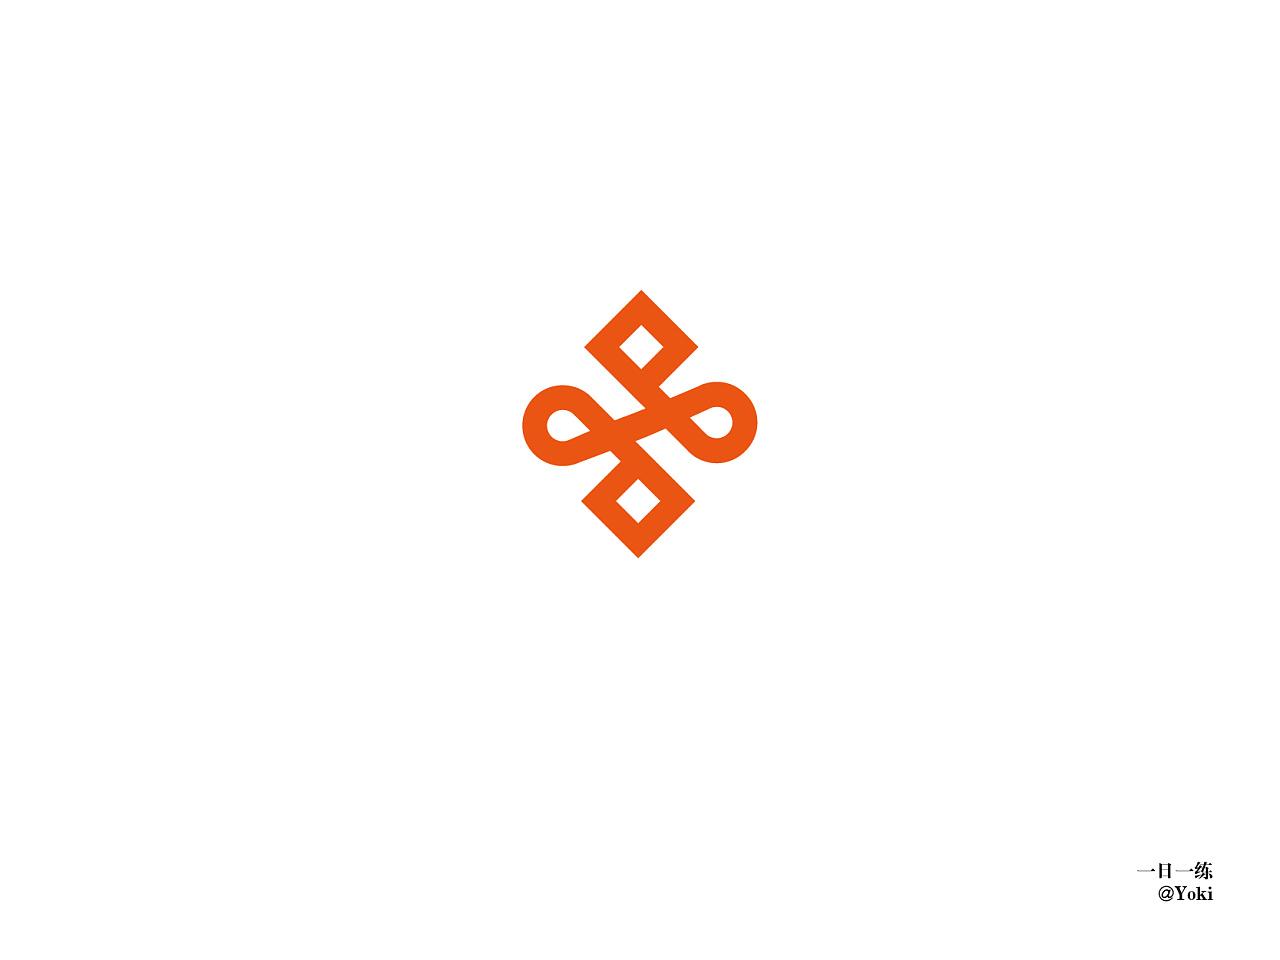 �y.����Z��yK^[�_字体整合(壹)|平面|字体/字形|yk设计 - 临摹作品